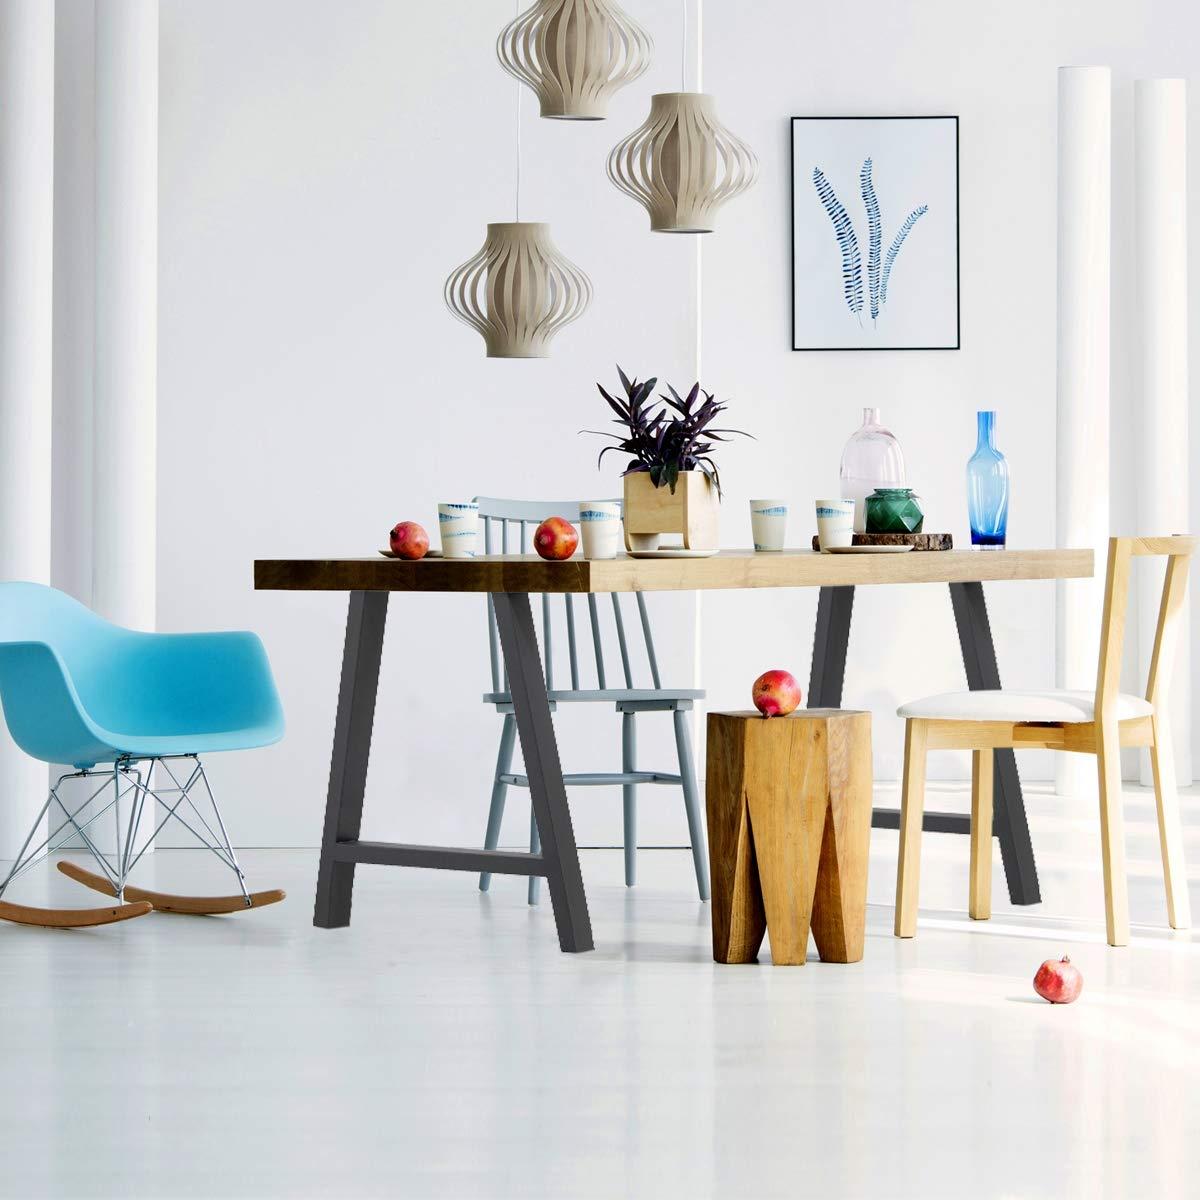 ECD Germany 2x Patas de mesa gris hecho de acero juego de patas de mesa pies de mesa 60 x 72 cm dise/ño industrial